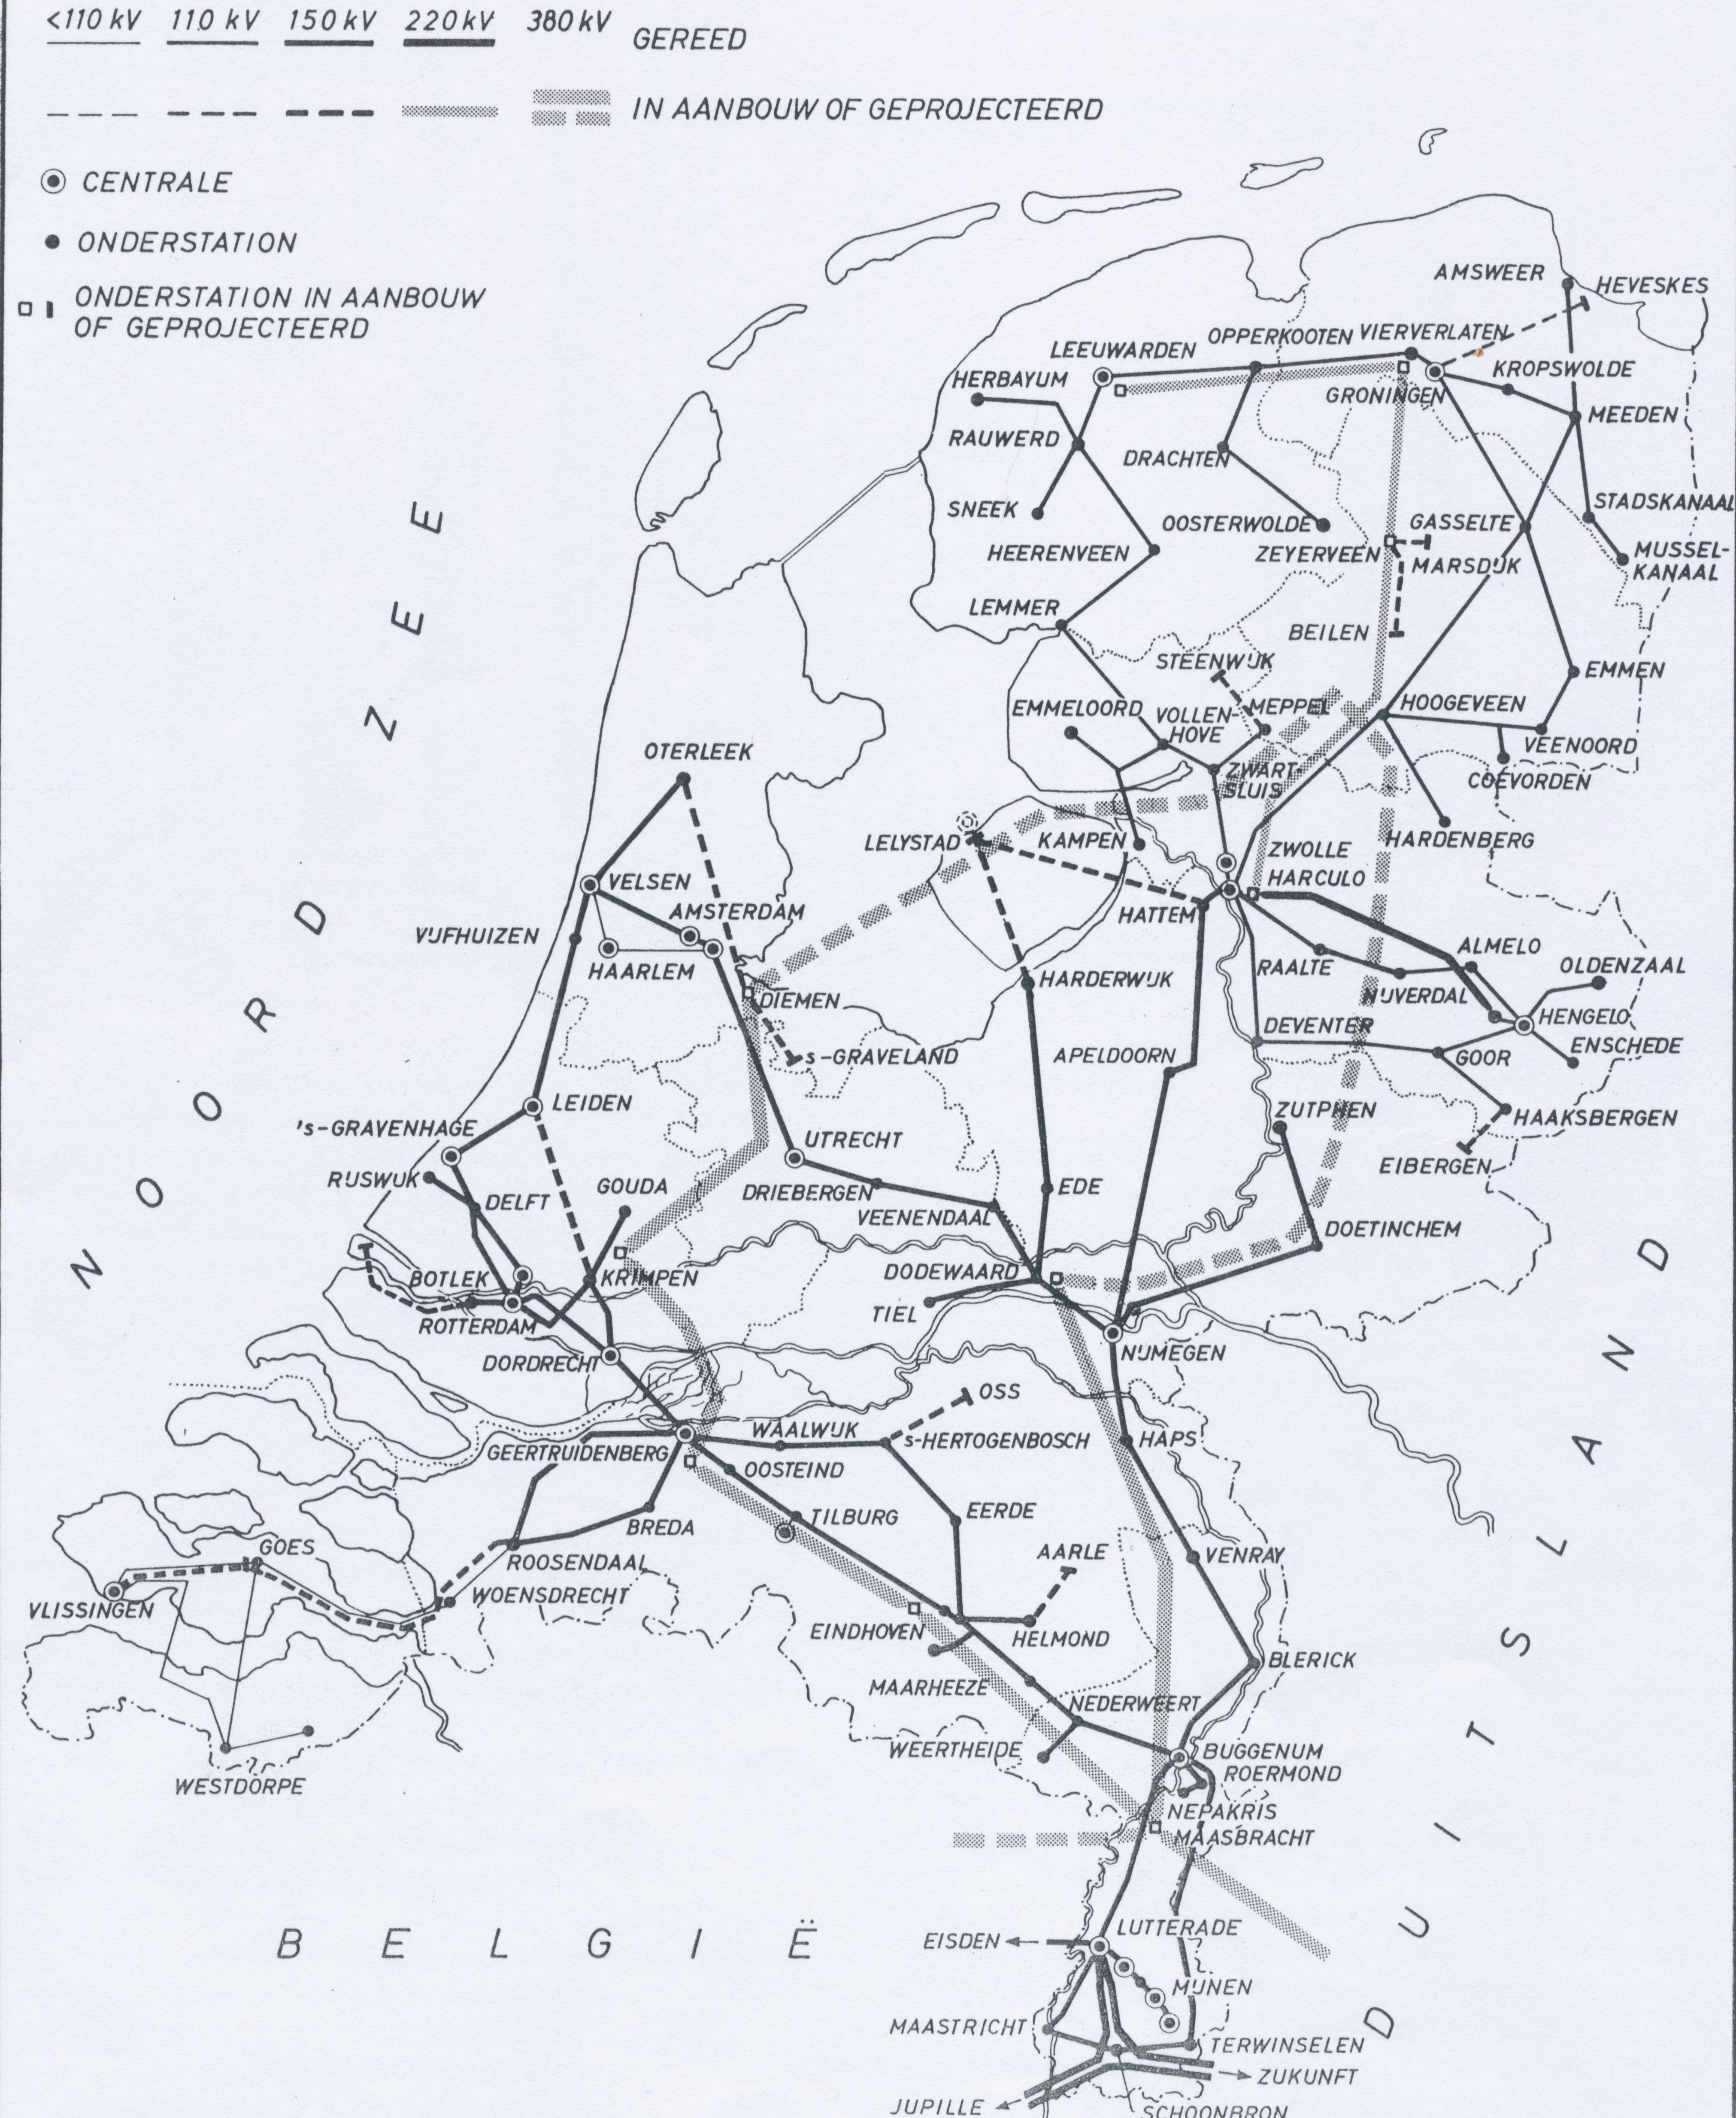 Netkaart 1965